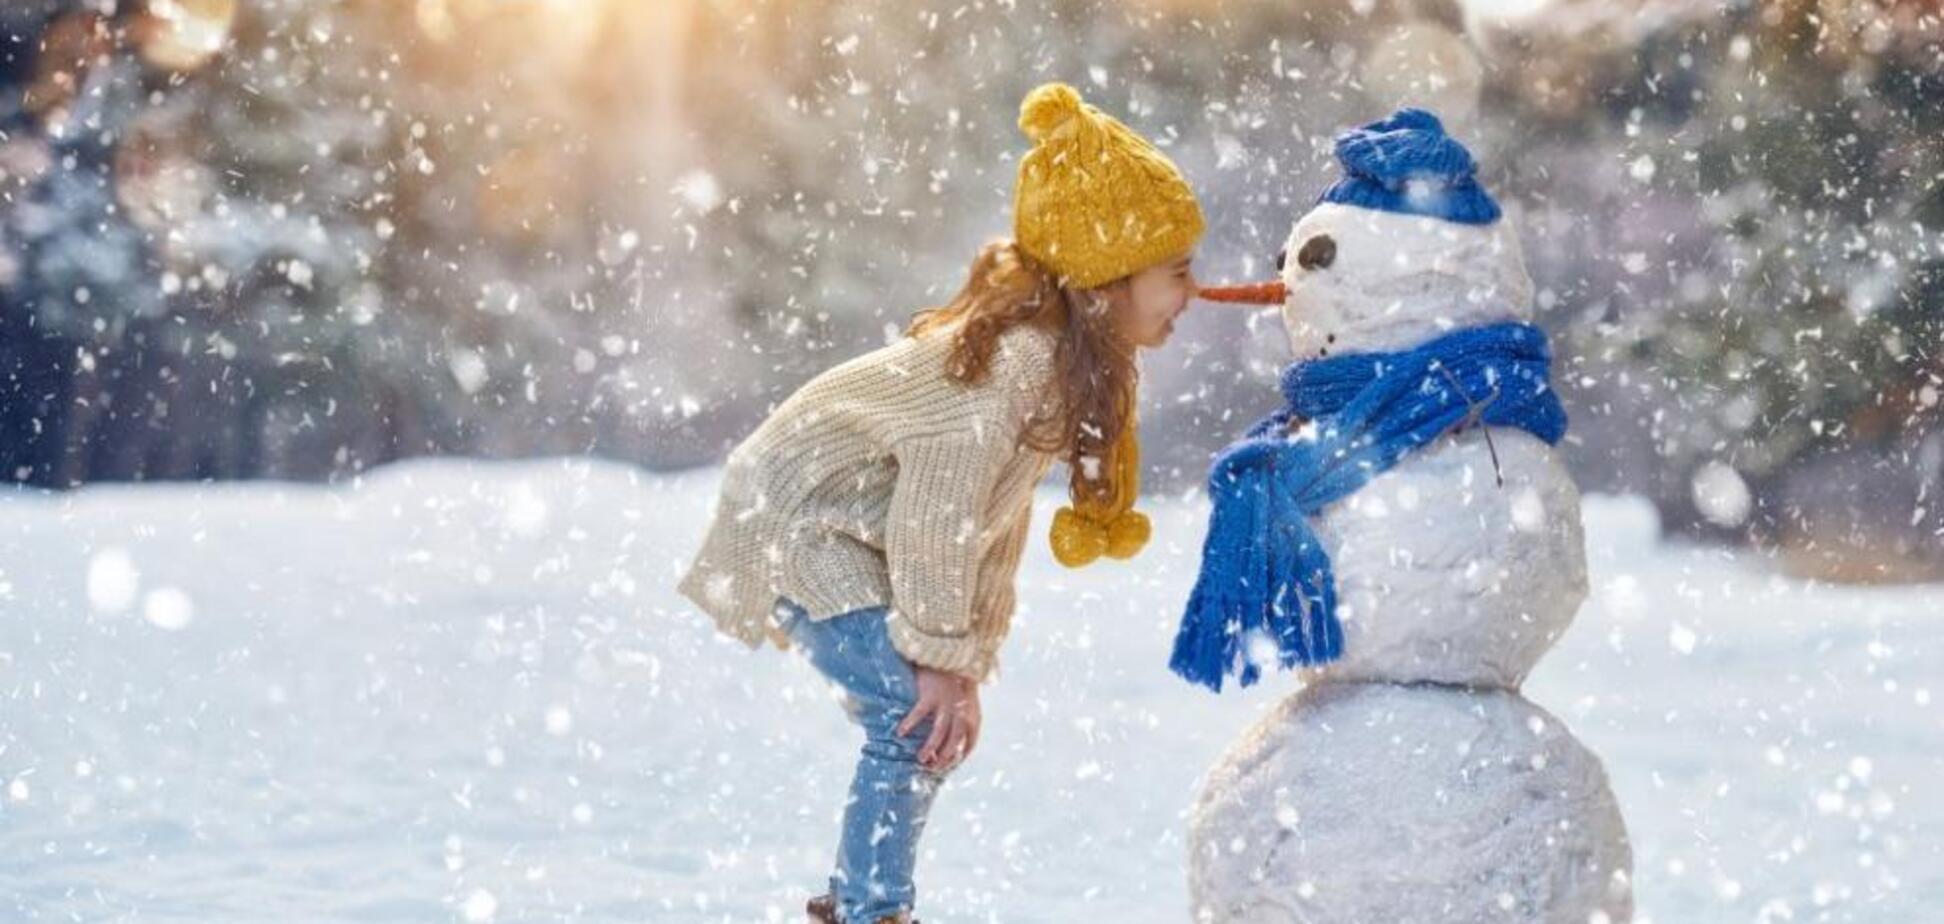 Когда отступят морозы и каким будет лето: появился прогноз погоды в Украине на 2019 год